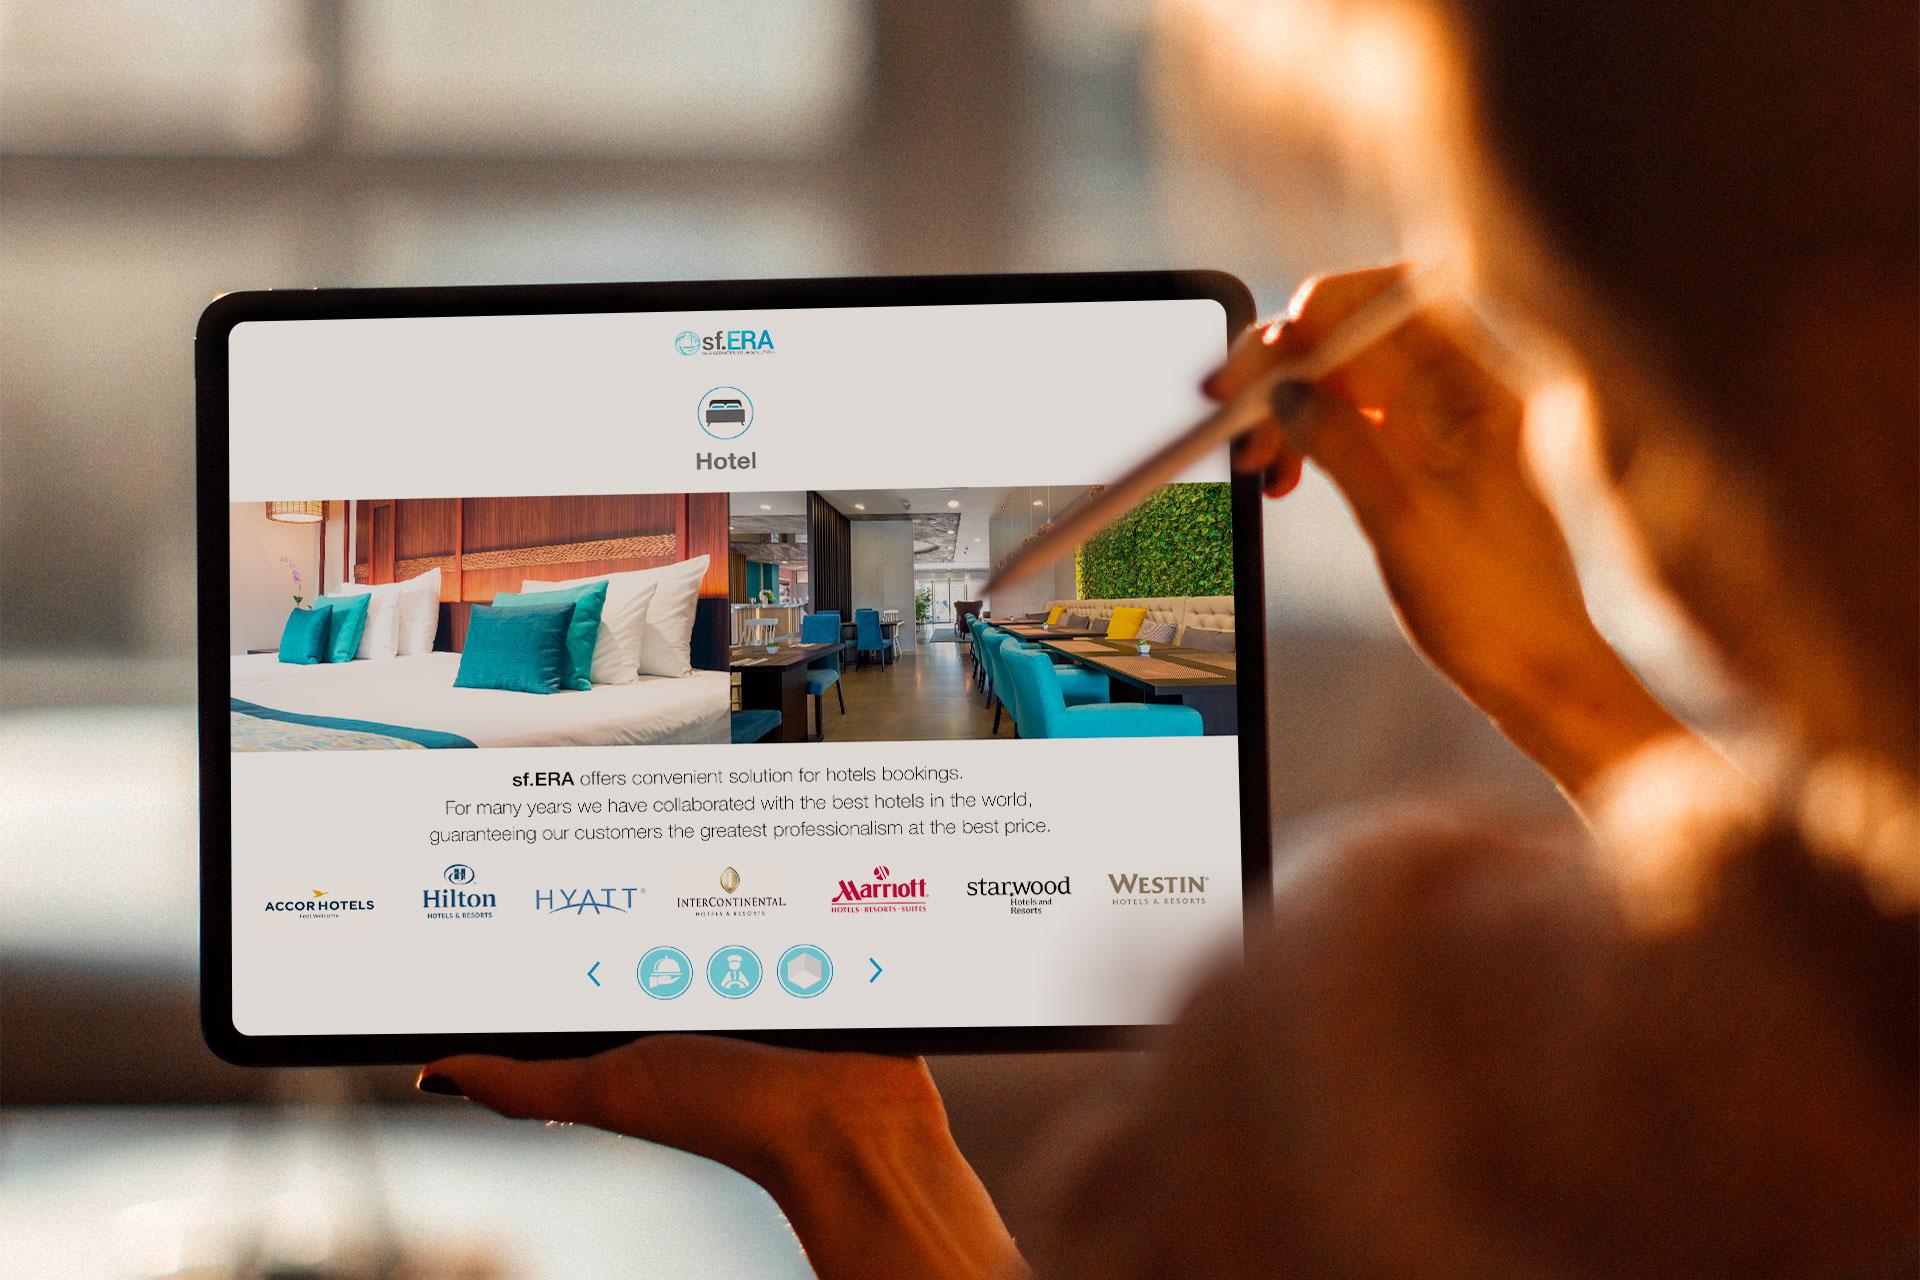 Schermata sugli alberghi della presentazione ipad